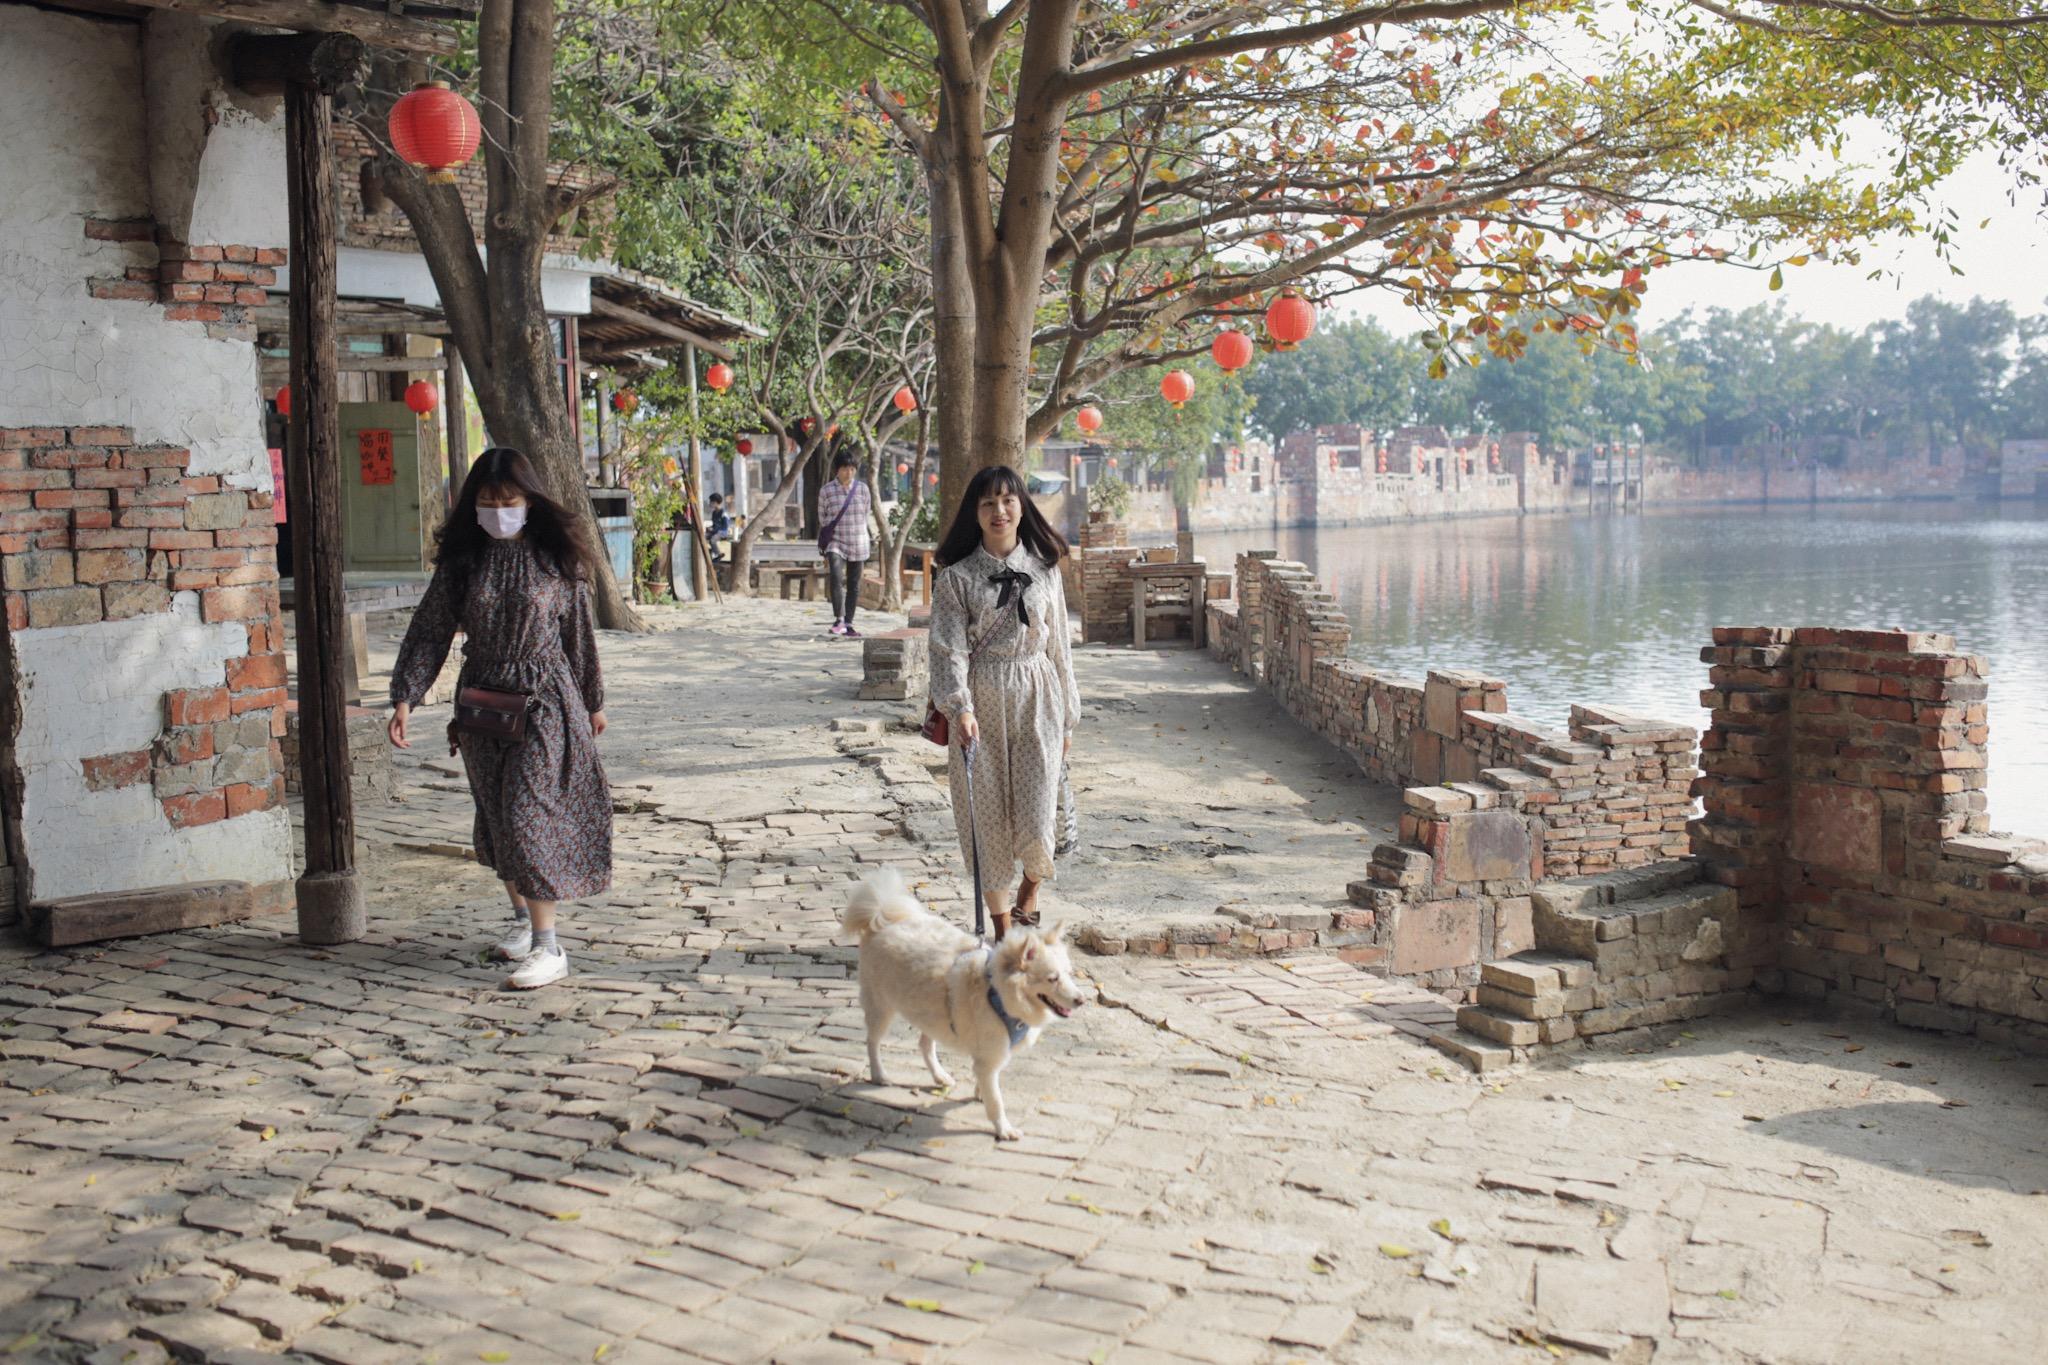 台南學甲老塘湖藝術村